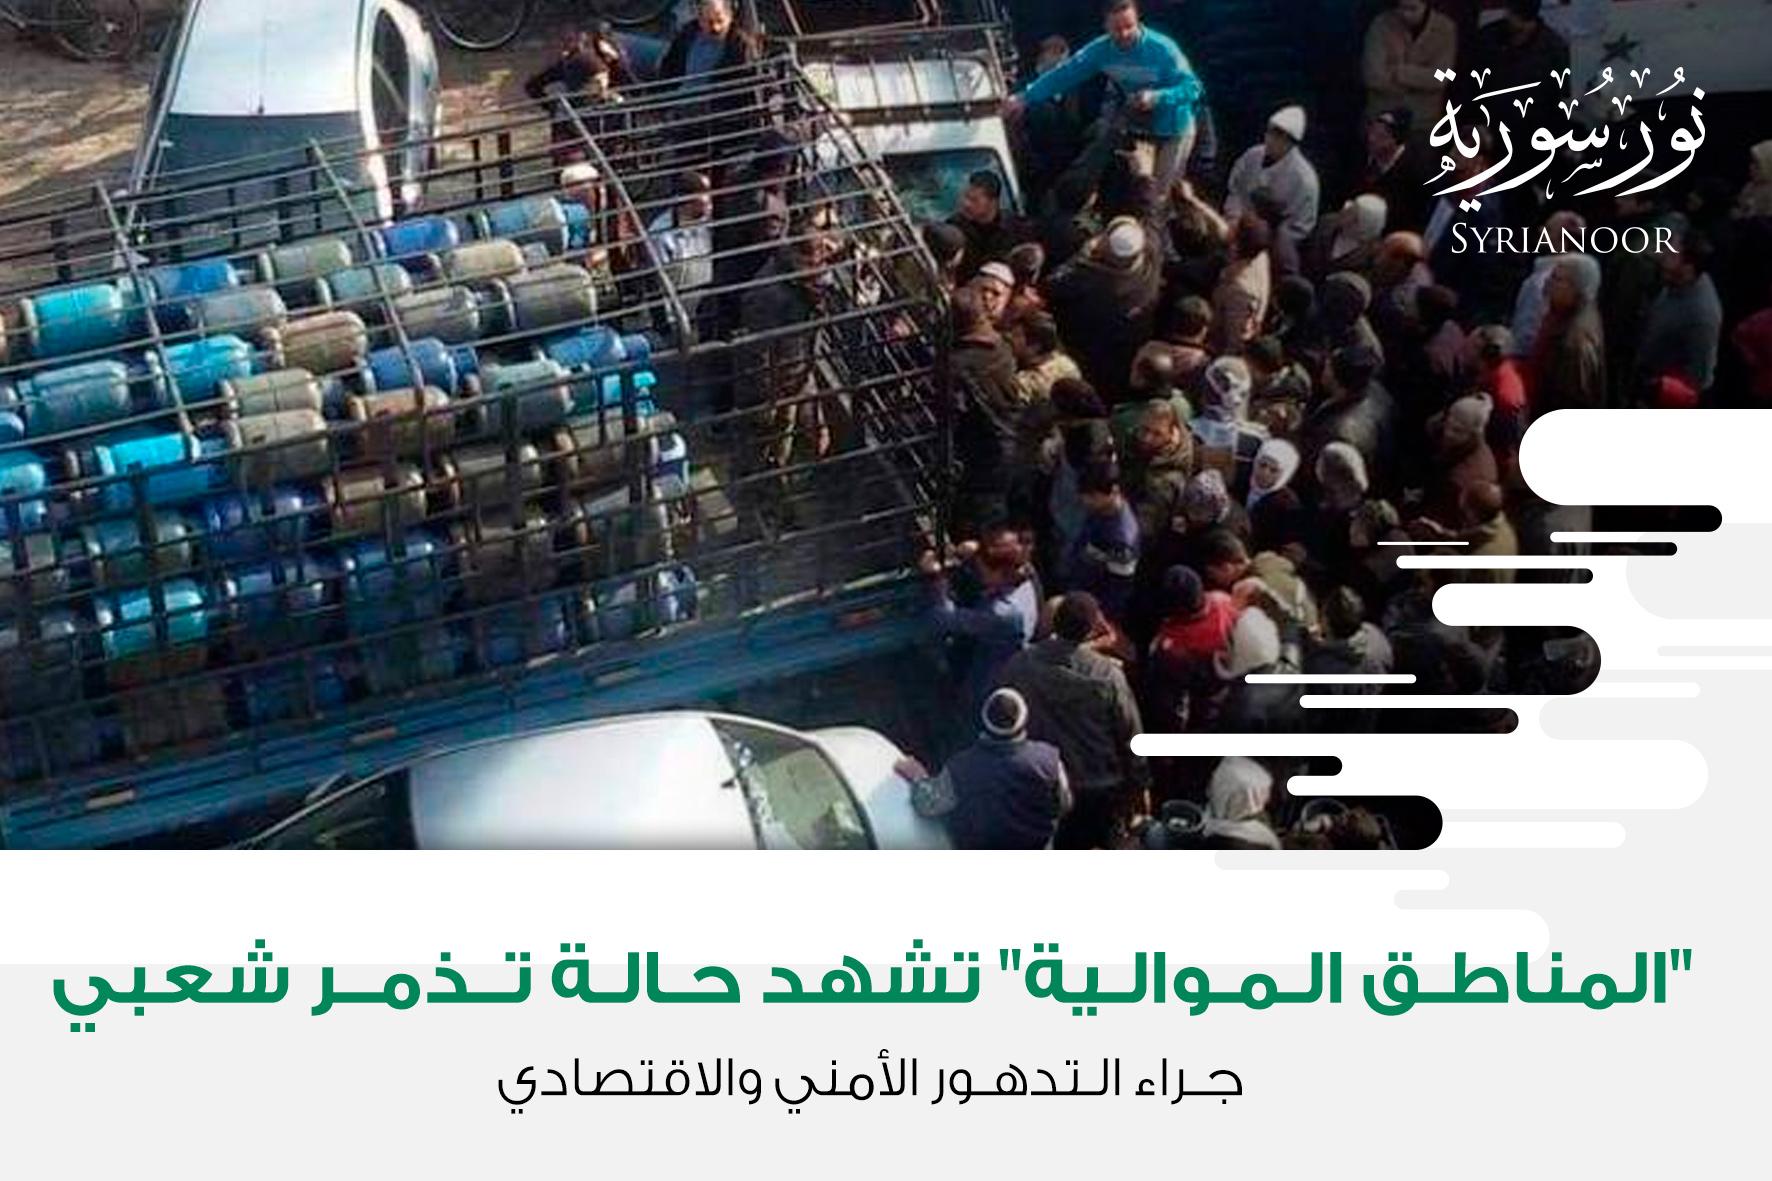 """""""المناطق الموالية"""" تشهد حالة تذمر شعبي جراء التدهور الأمني والاقتصادي"""